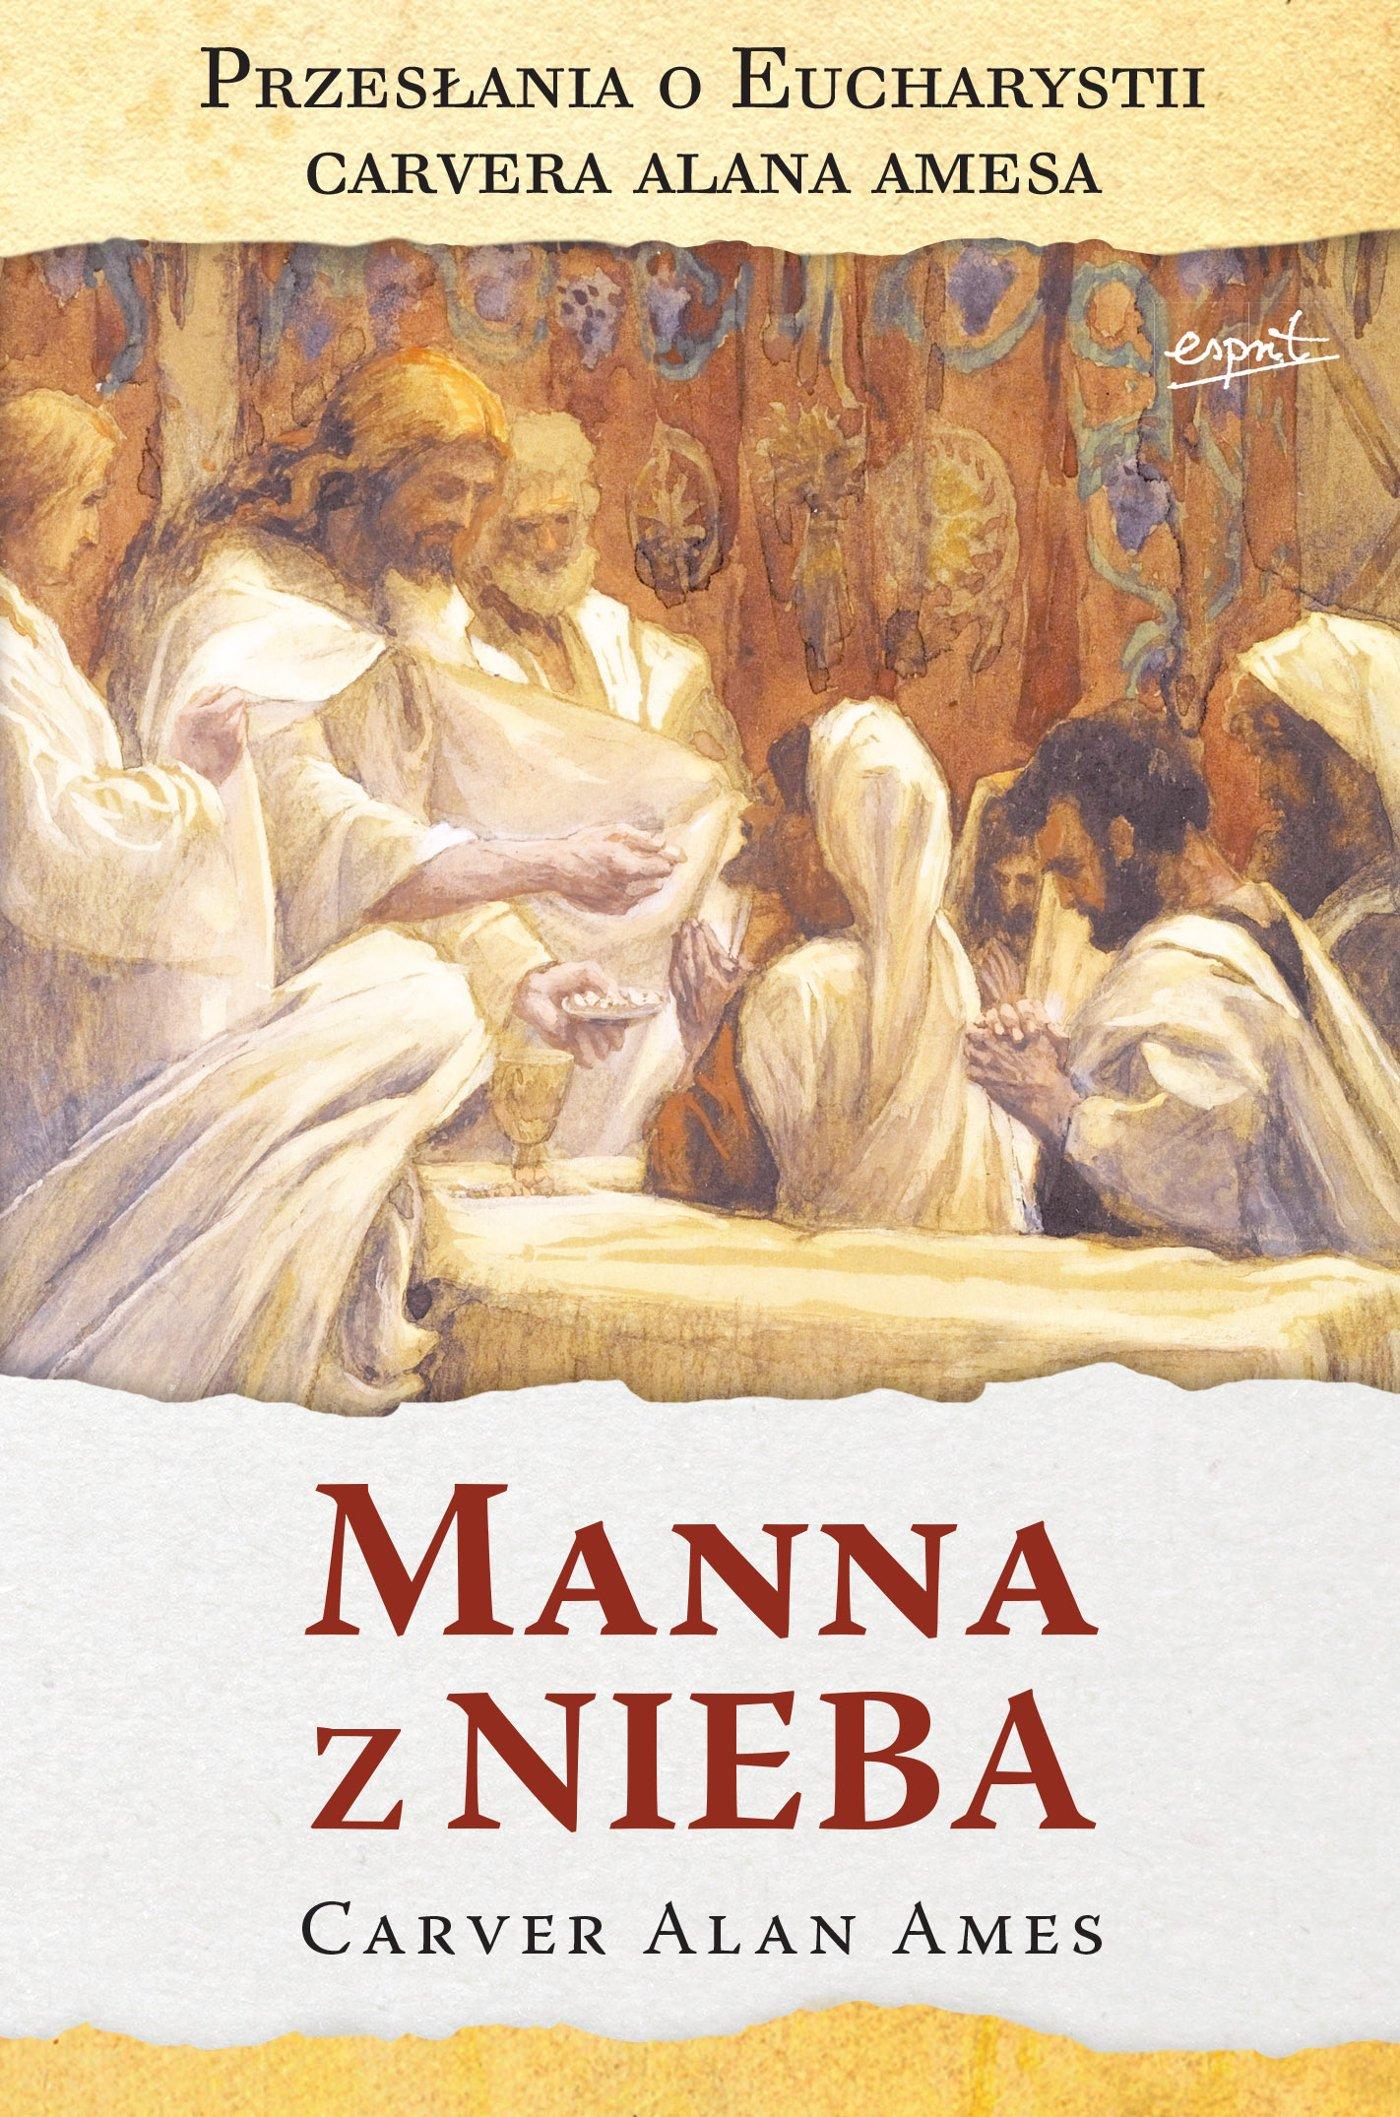 Manna z nieba - Ebook (Książka EPUB) do pobrania w formacie EPUB